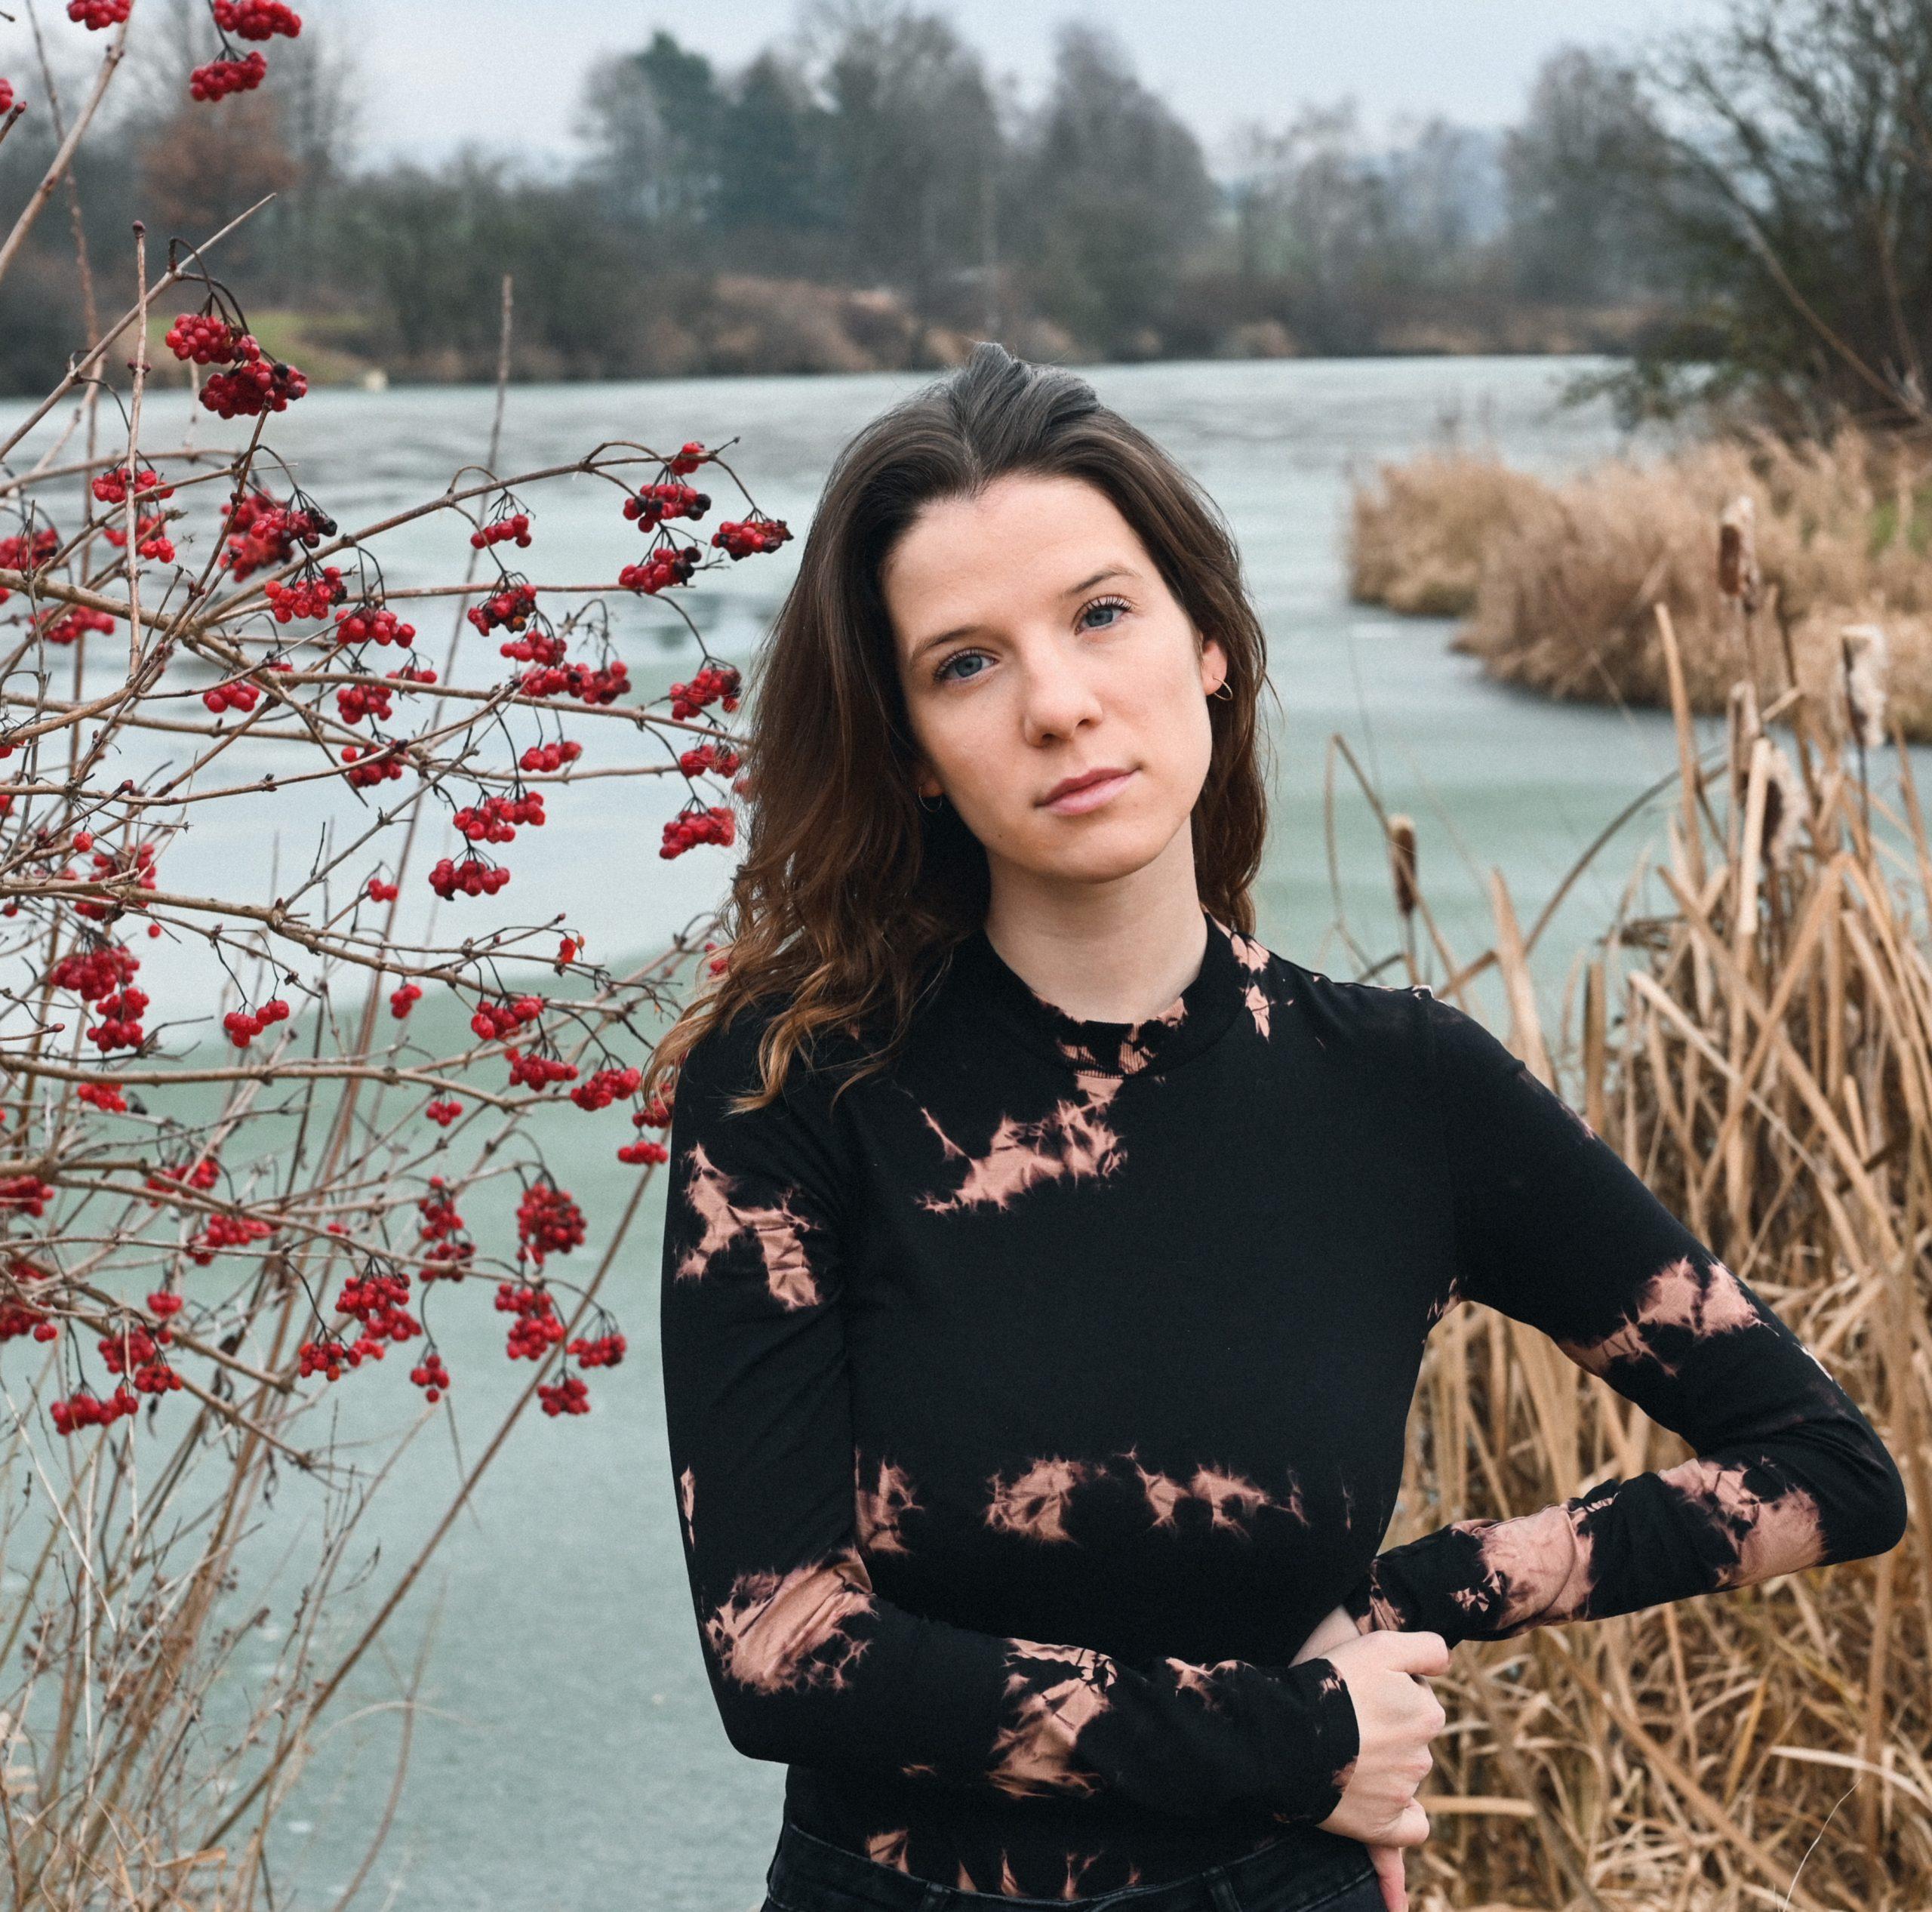 """Mit ihrer neuen Single """"Rosehips"""" möchte A.VJU / Anna Lachhammer nahtlos an dem Erfolg des letzten Songs anknüpfen"""